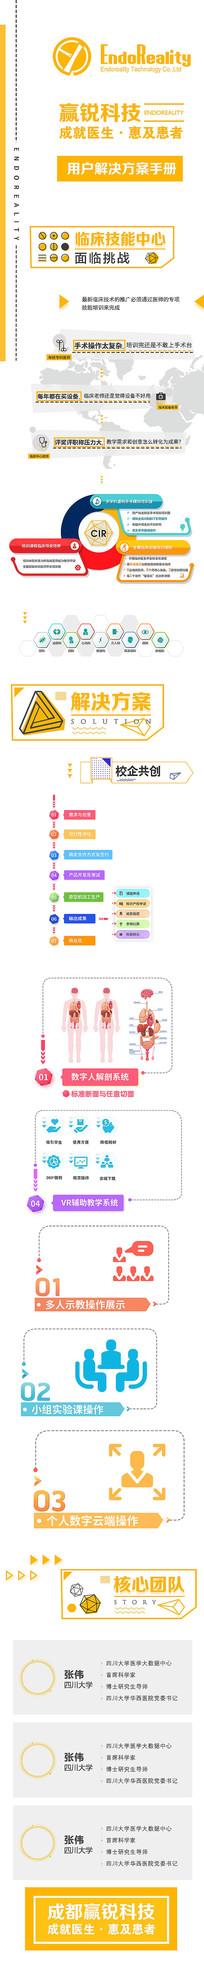 原创医疗企业橙色企业产品介绍H5